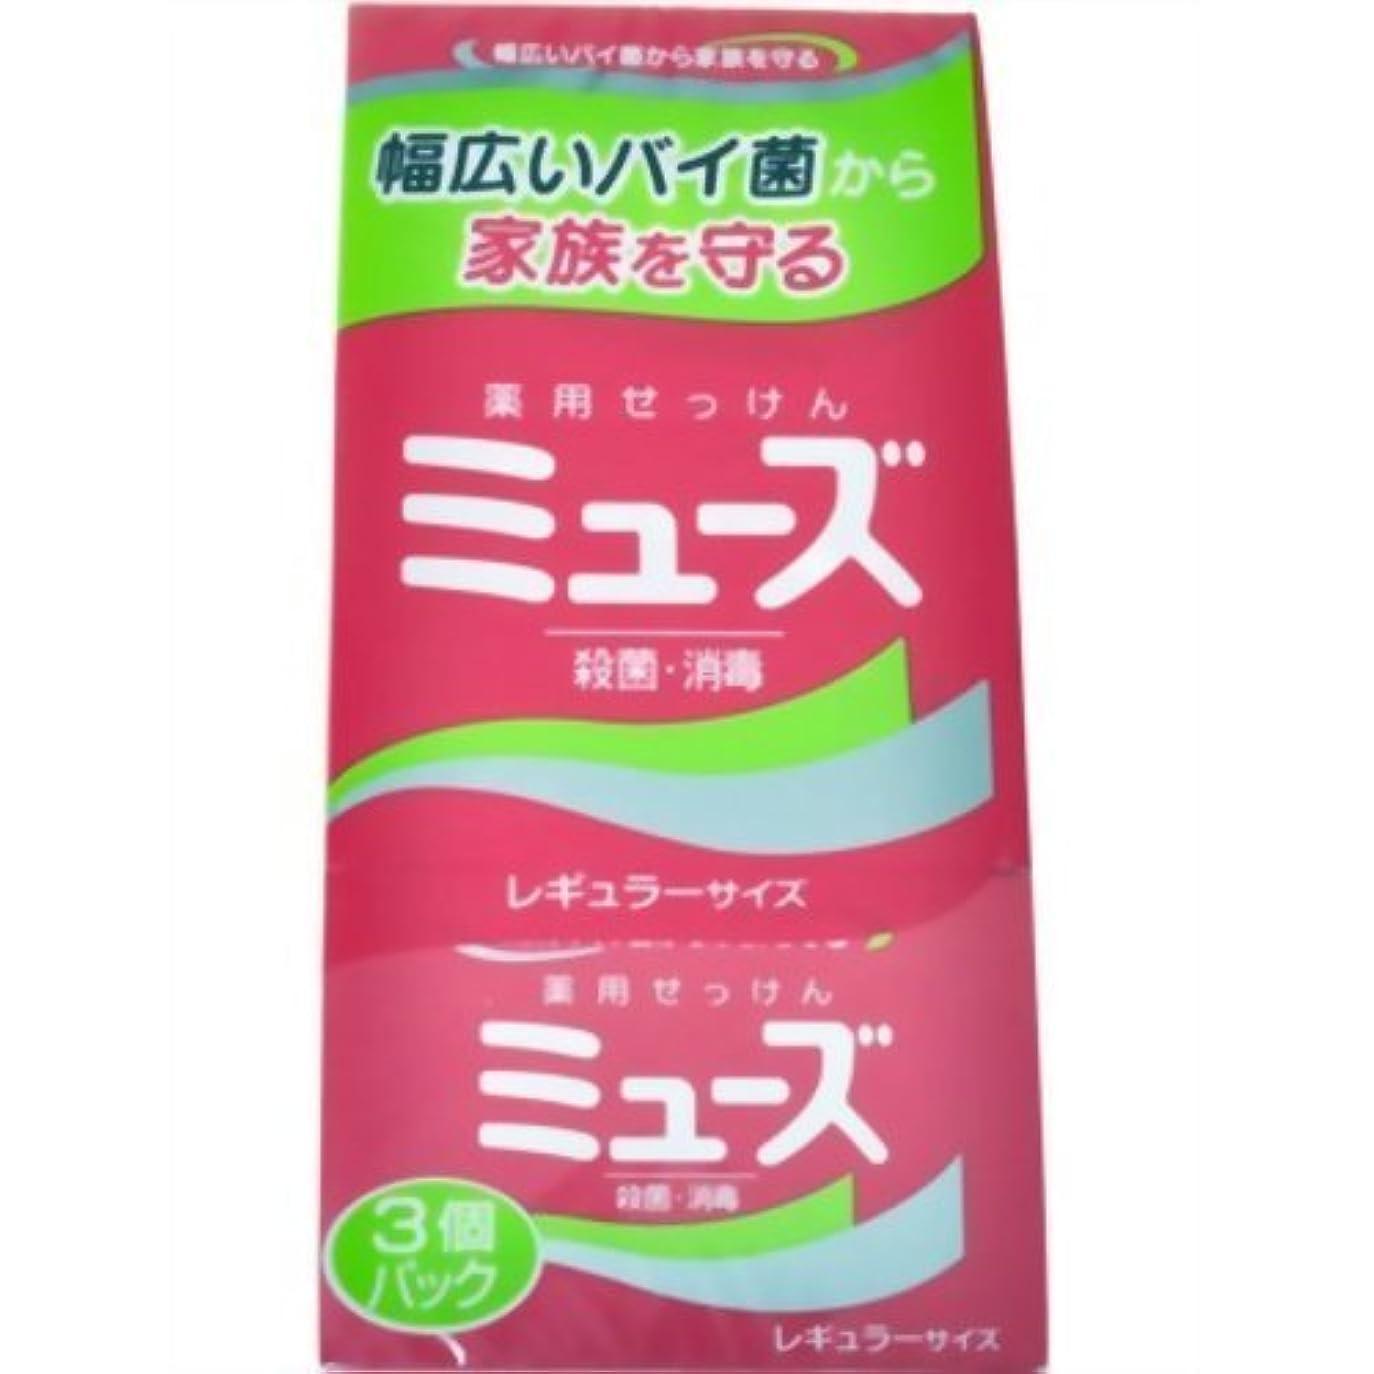 期待する斧ダッシュミューズ石鹸 レギュラー 3P ×6個セット